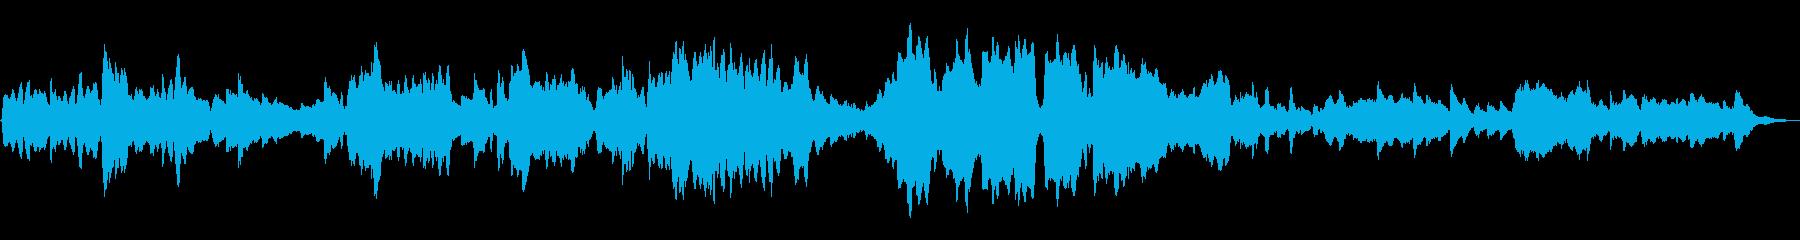 不思議な森 ループ曲 フルートとハープの再生済みの波形